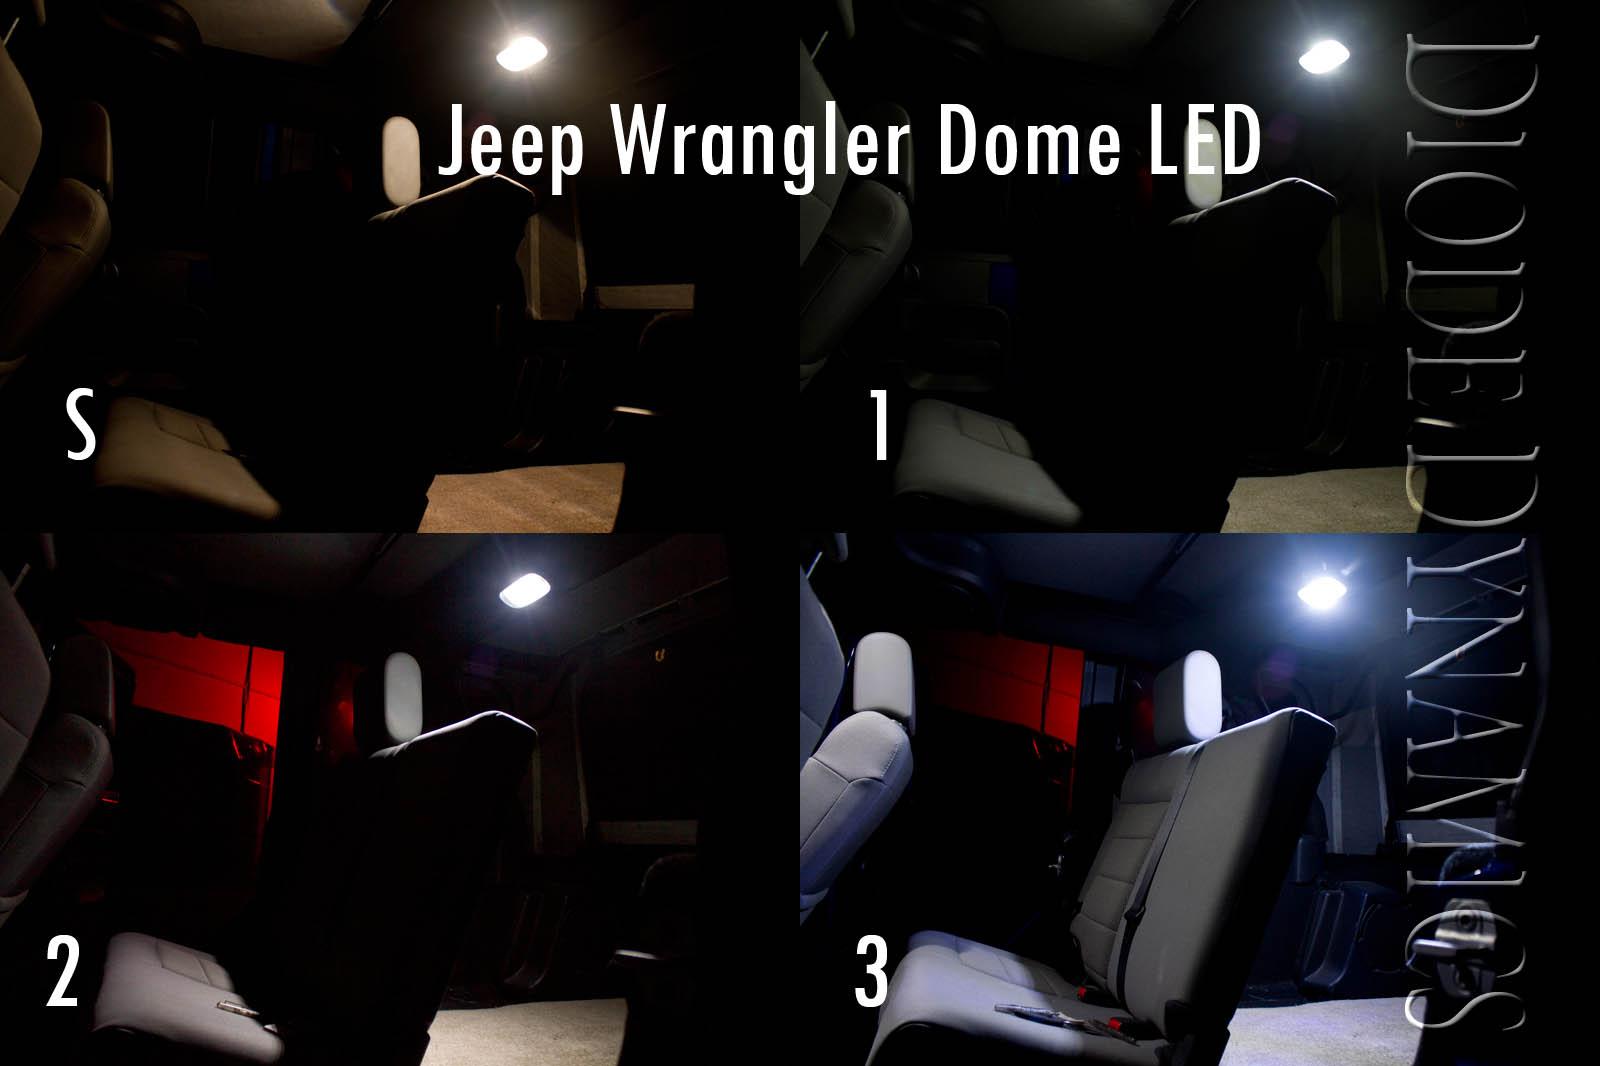 Fs 2010 2012 Jk Wrangler Led Conversion Kit Upgrade Your Lights Great Mod Jeep Wrangler Forum